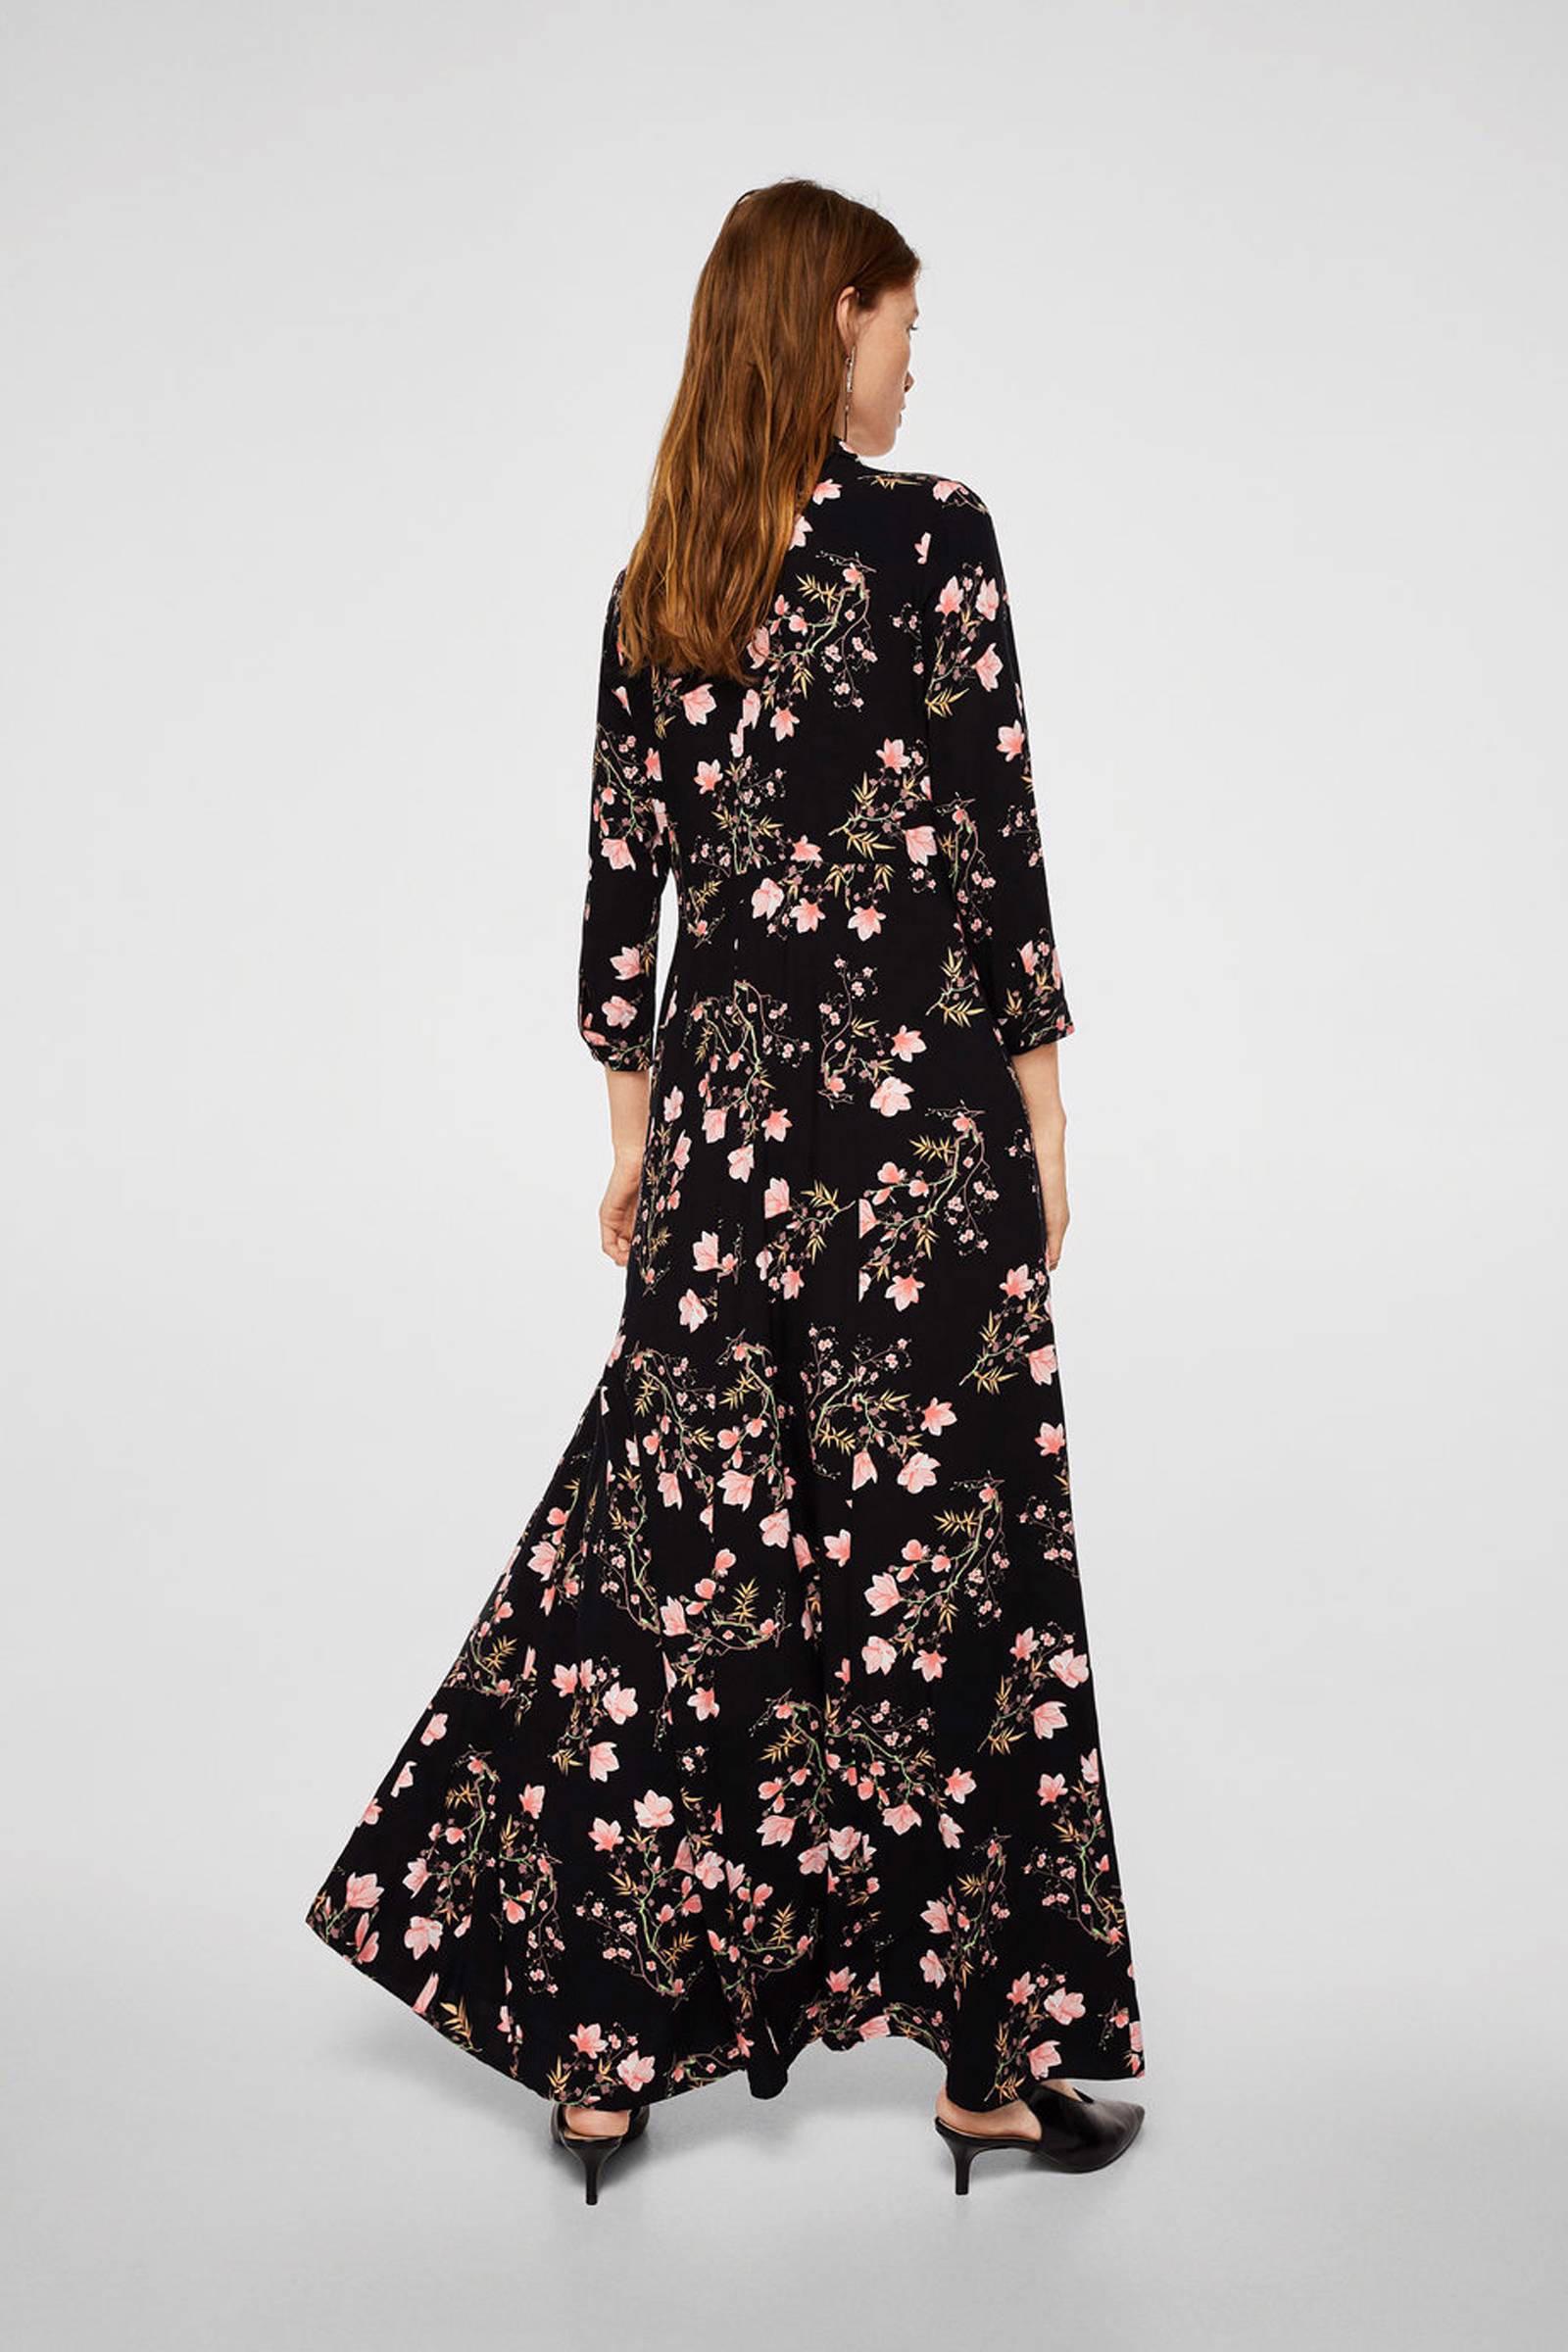 wehkamp lange jurken